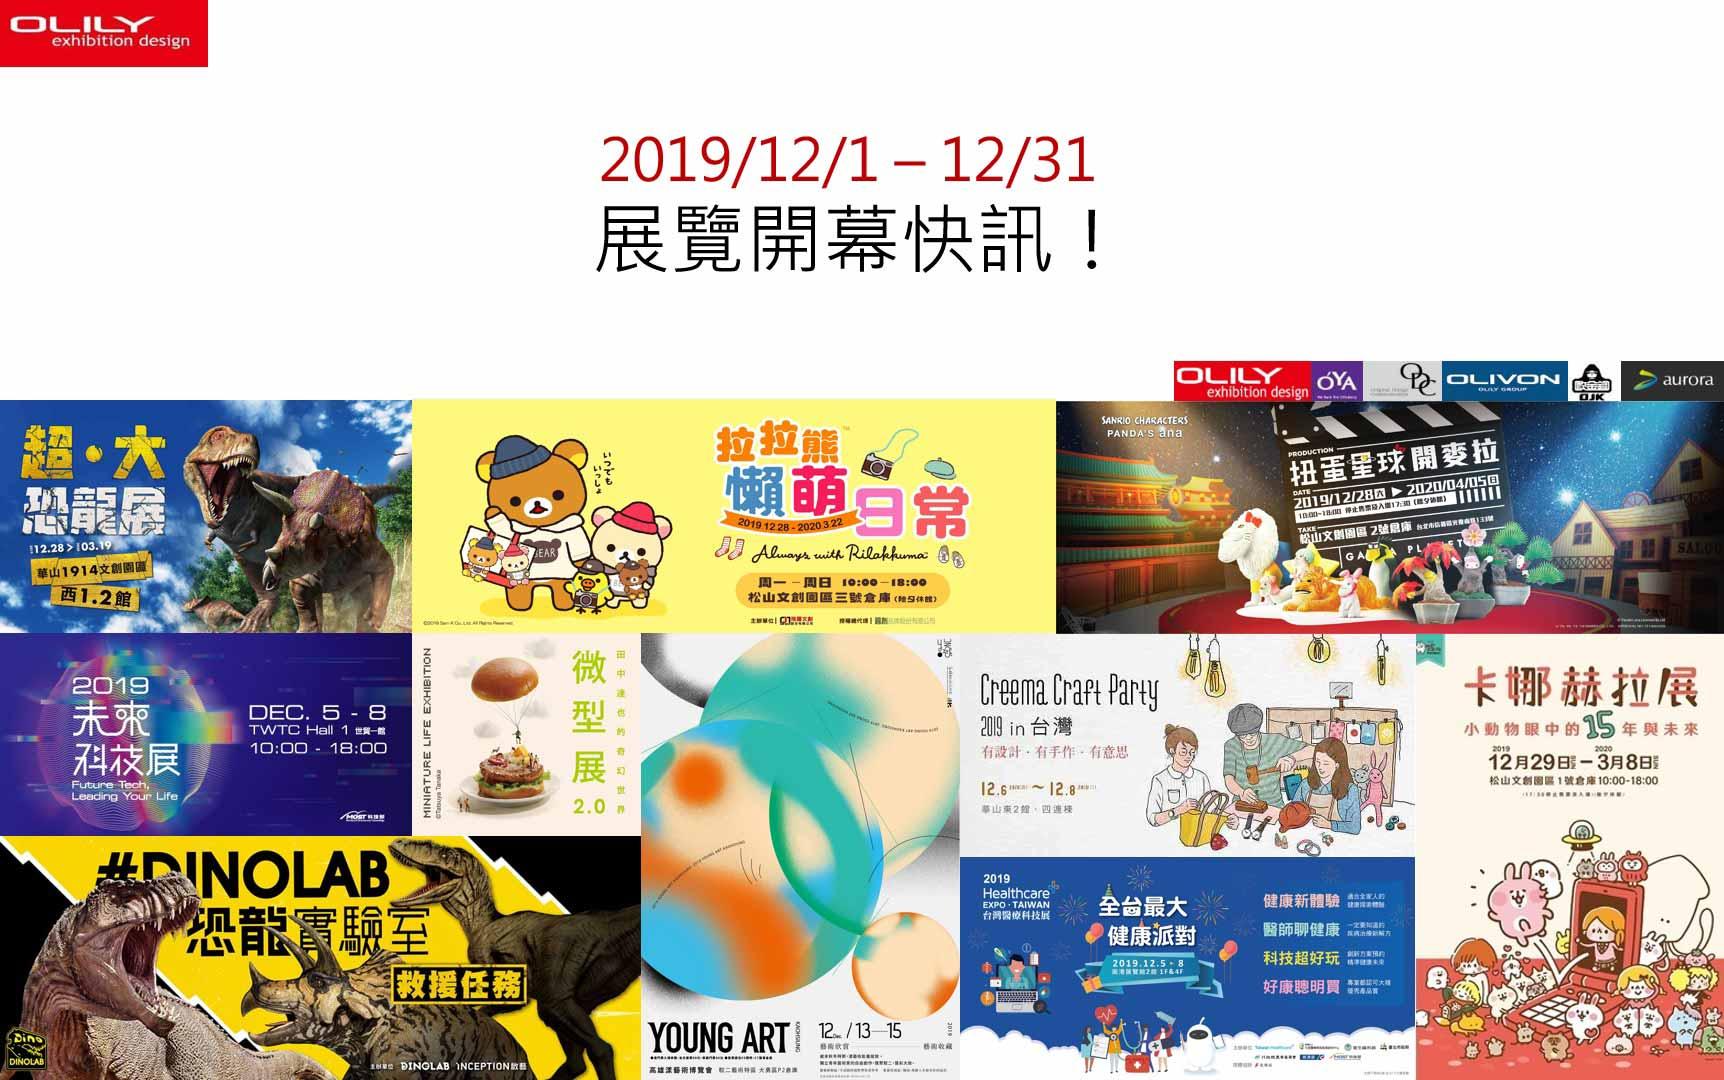 展覽資訊 12月- 歐立利展覽設計